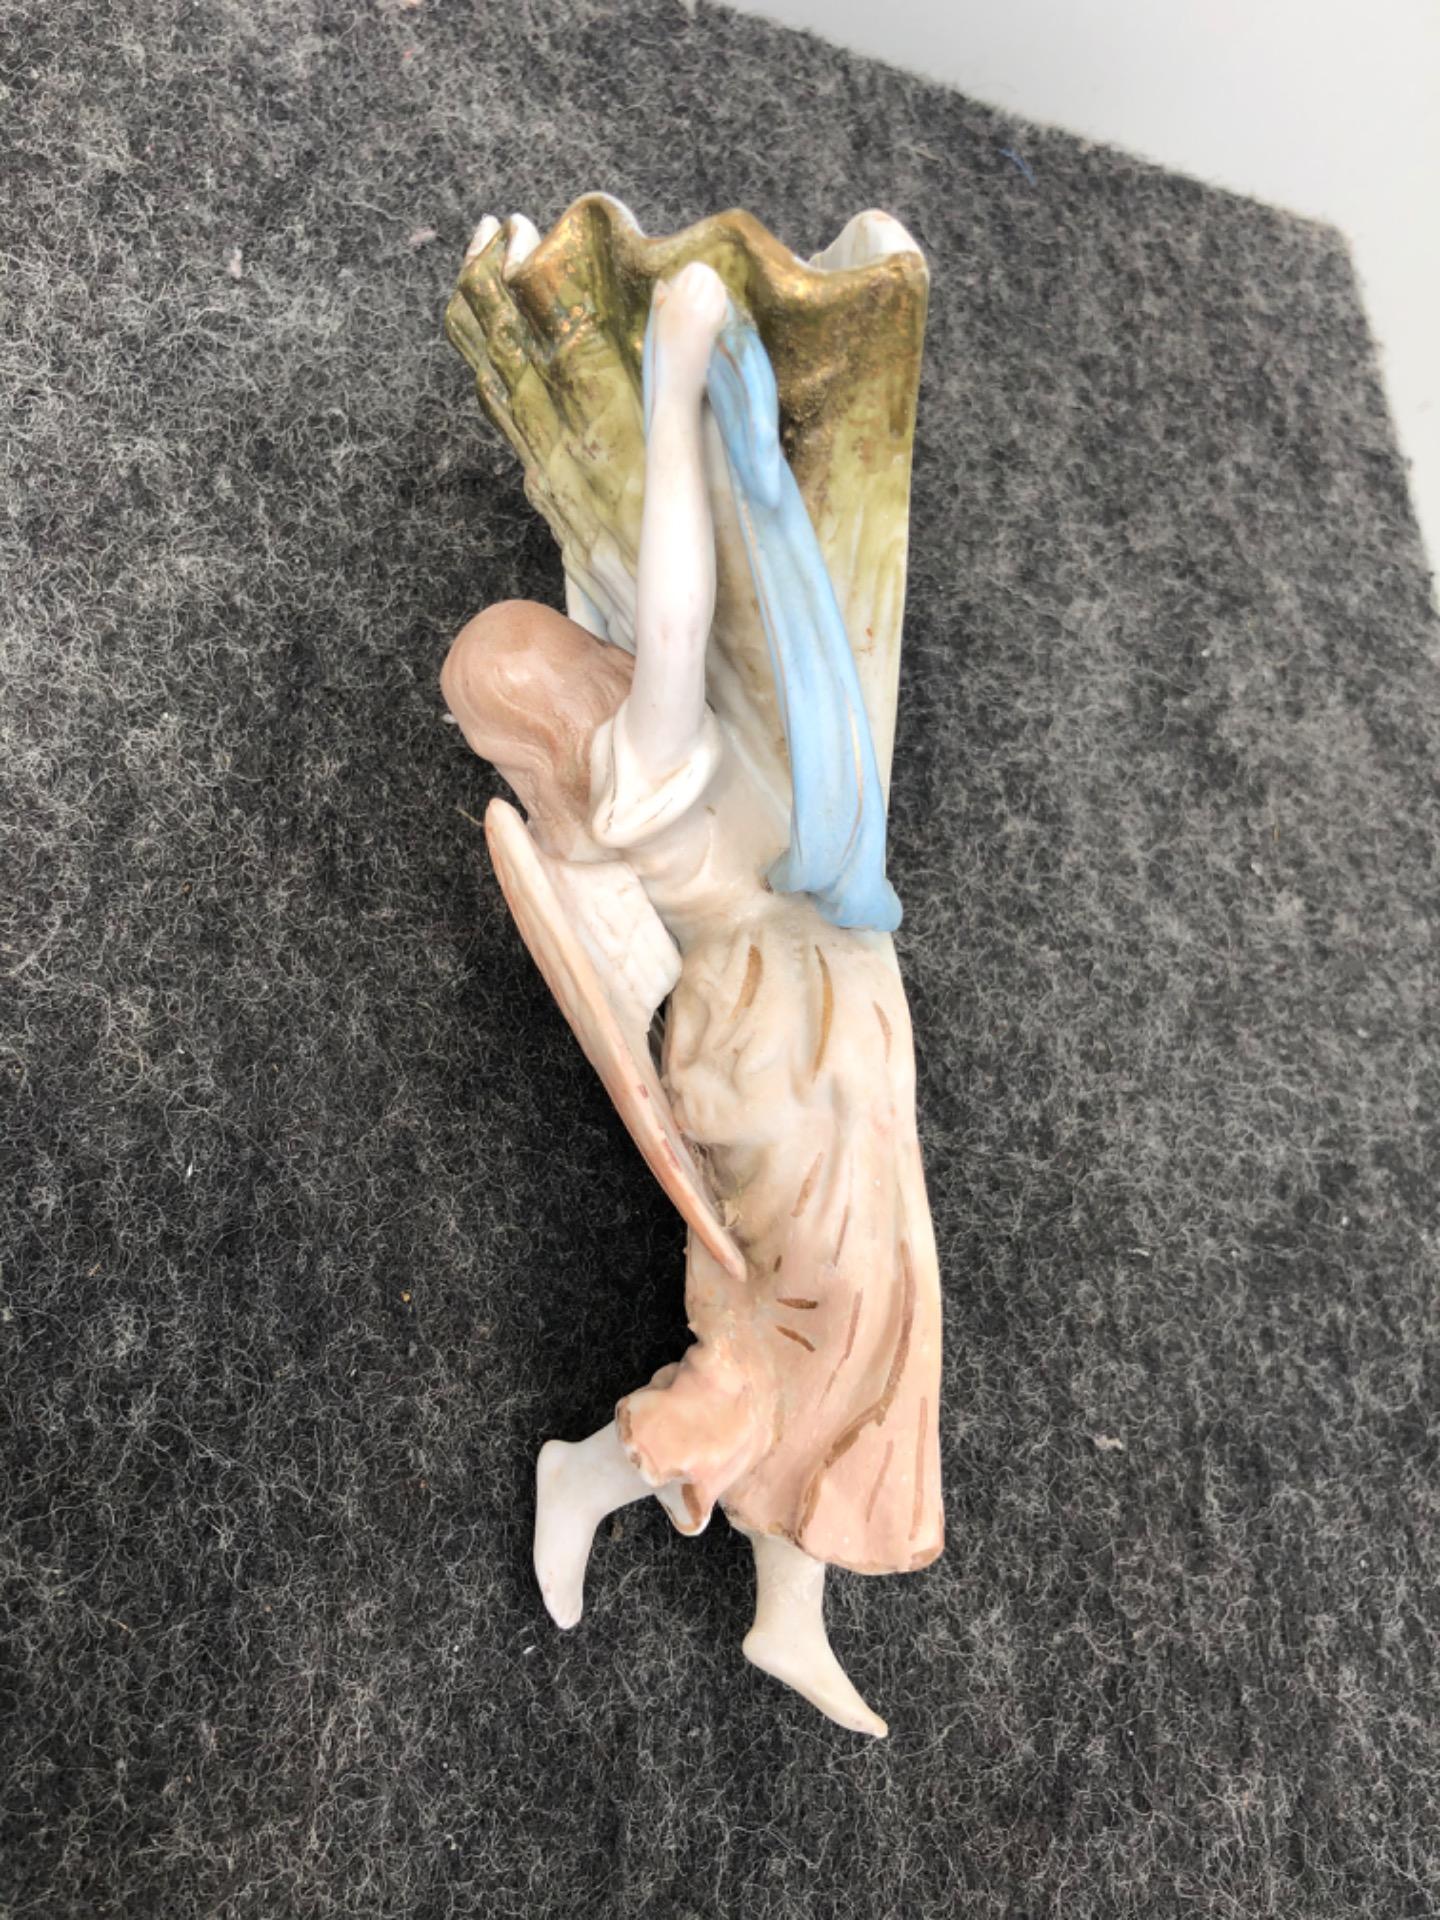 thumb3 Acquasantiera in porcellana bisquit raffigurante angelo di spalle che regge la coppa a conchiglia.Italia.